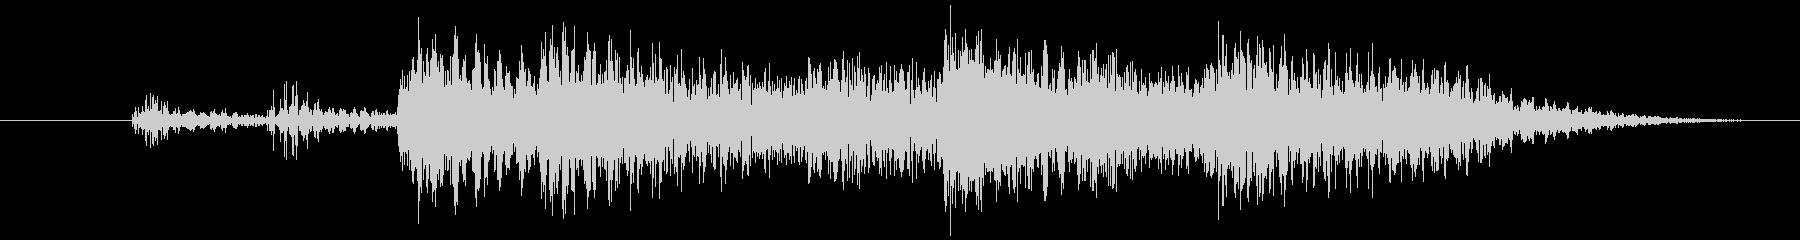 ジャカジャーン(アコギとピアノ)の未再生の波形